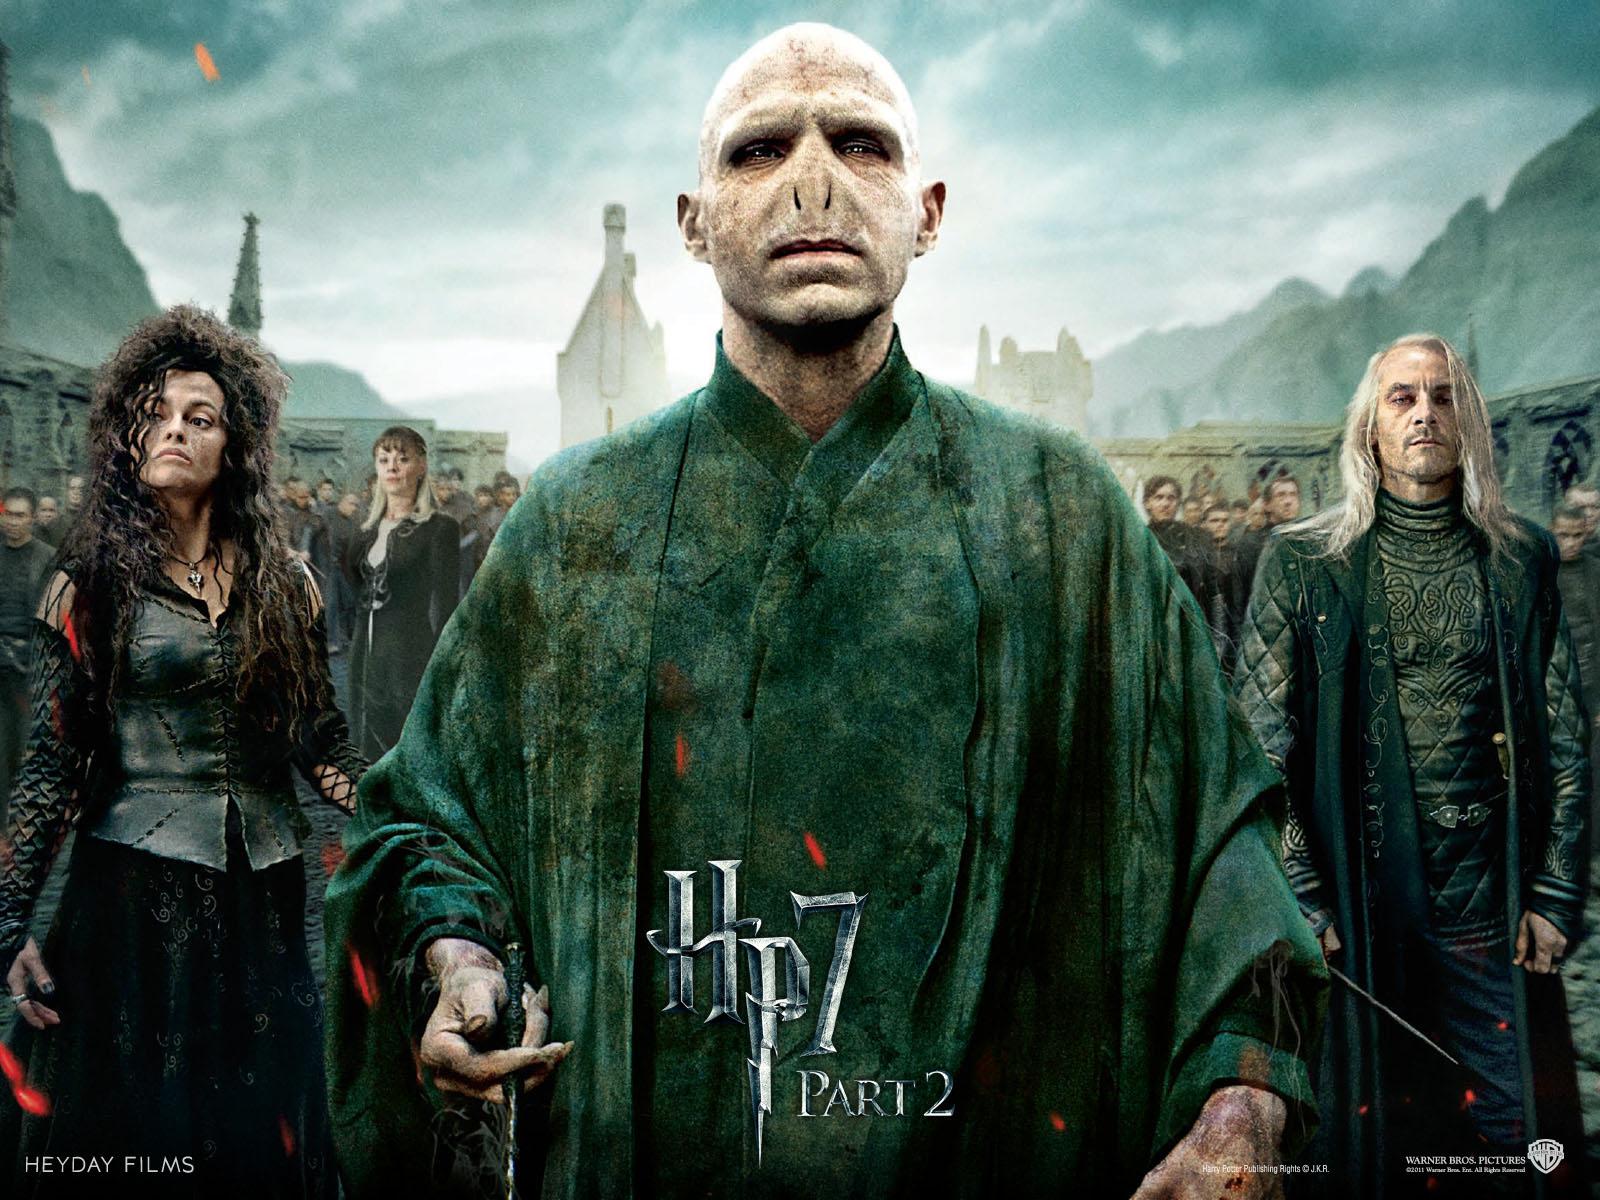 Гарри поттер и дары смерти часть ii 2011 - смотреть онлайн